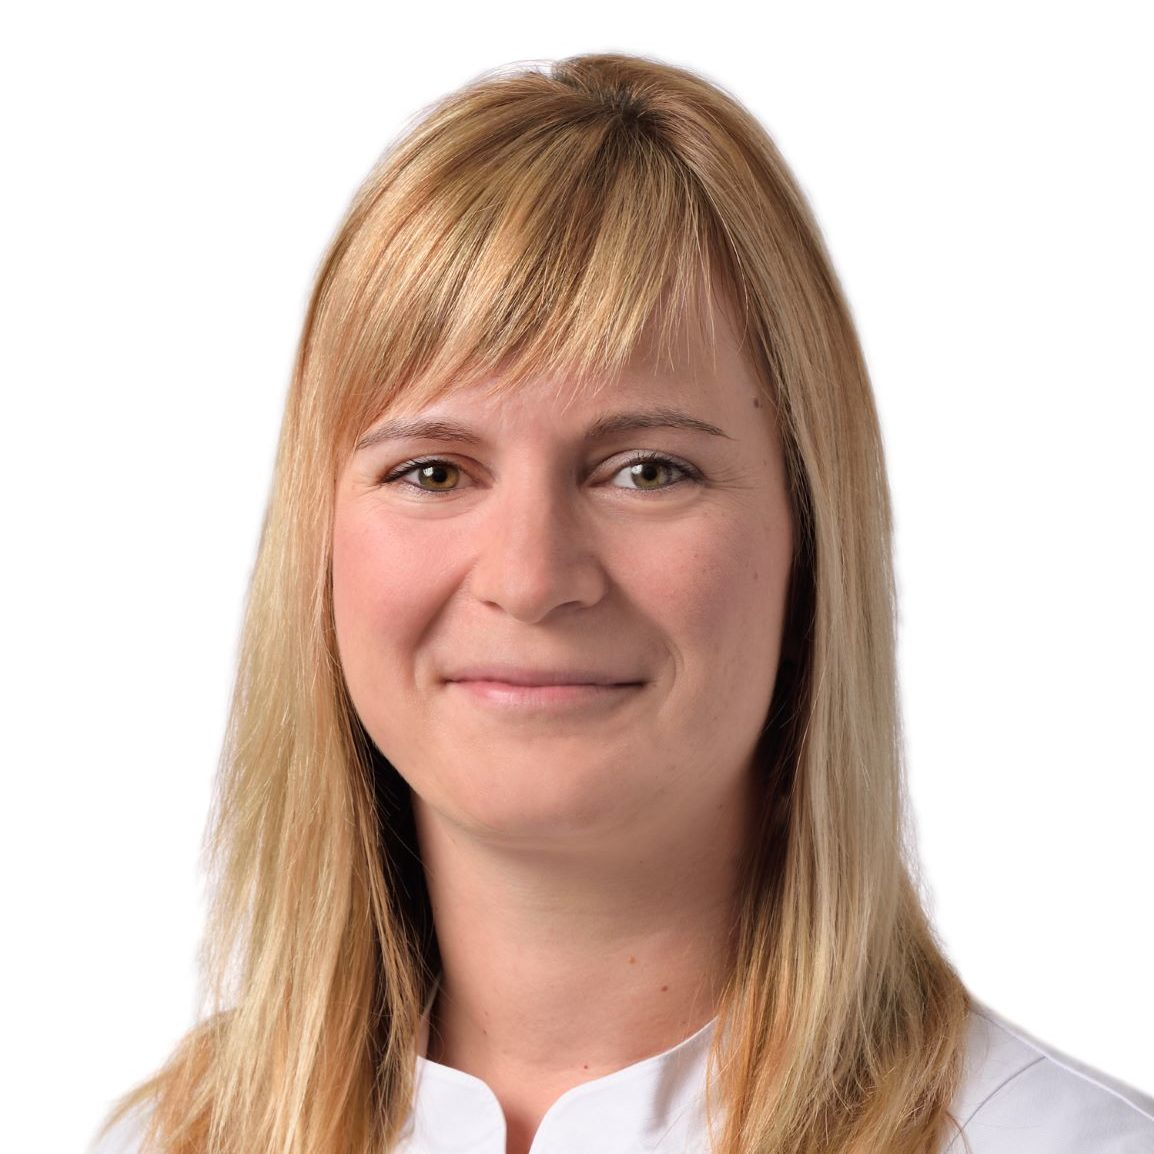 Stefanie Belka